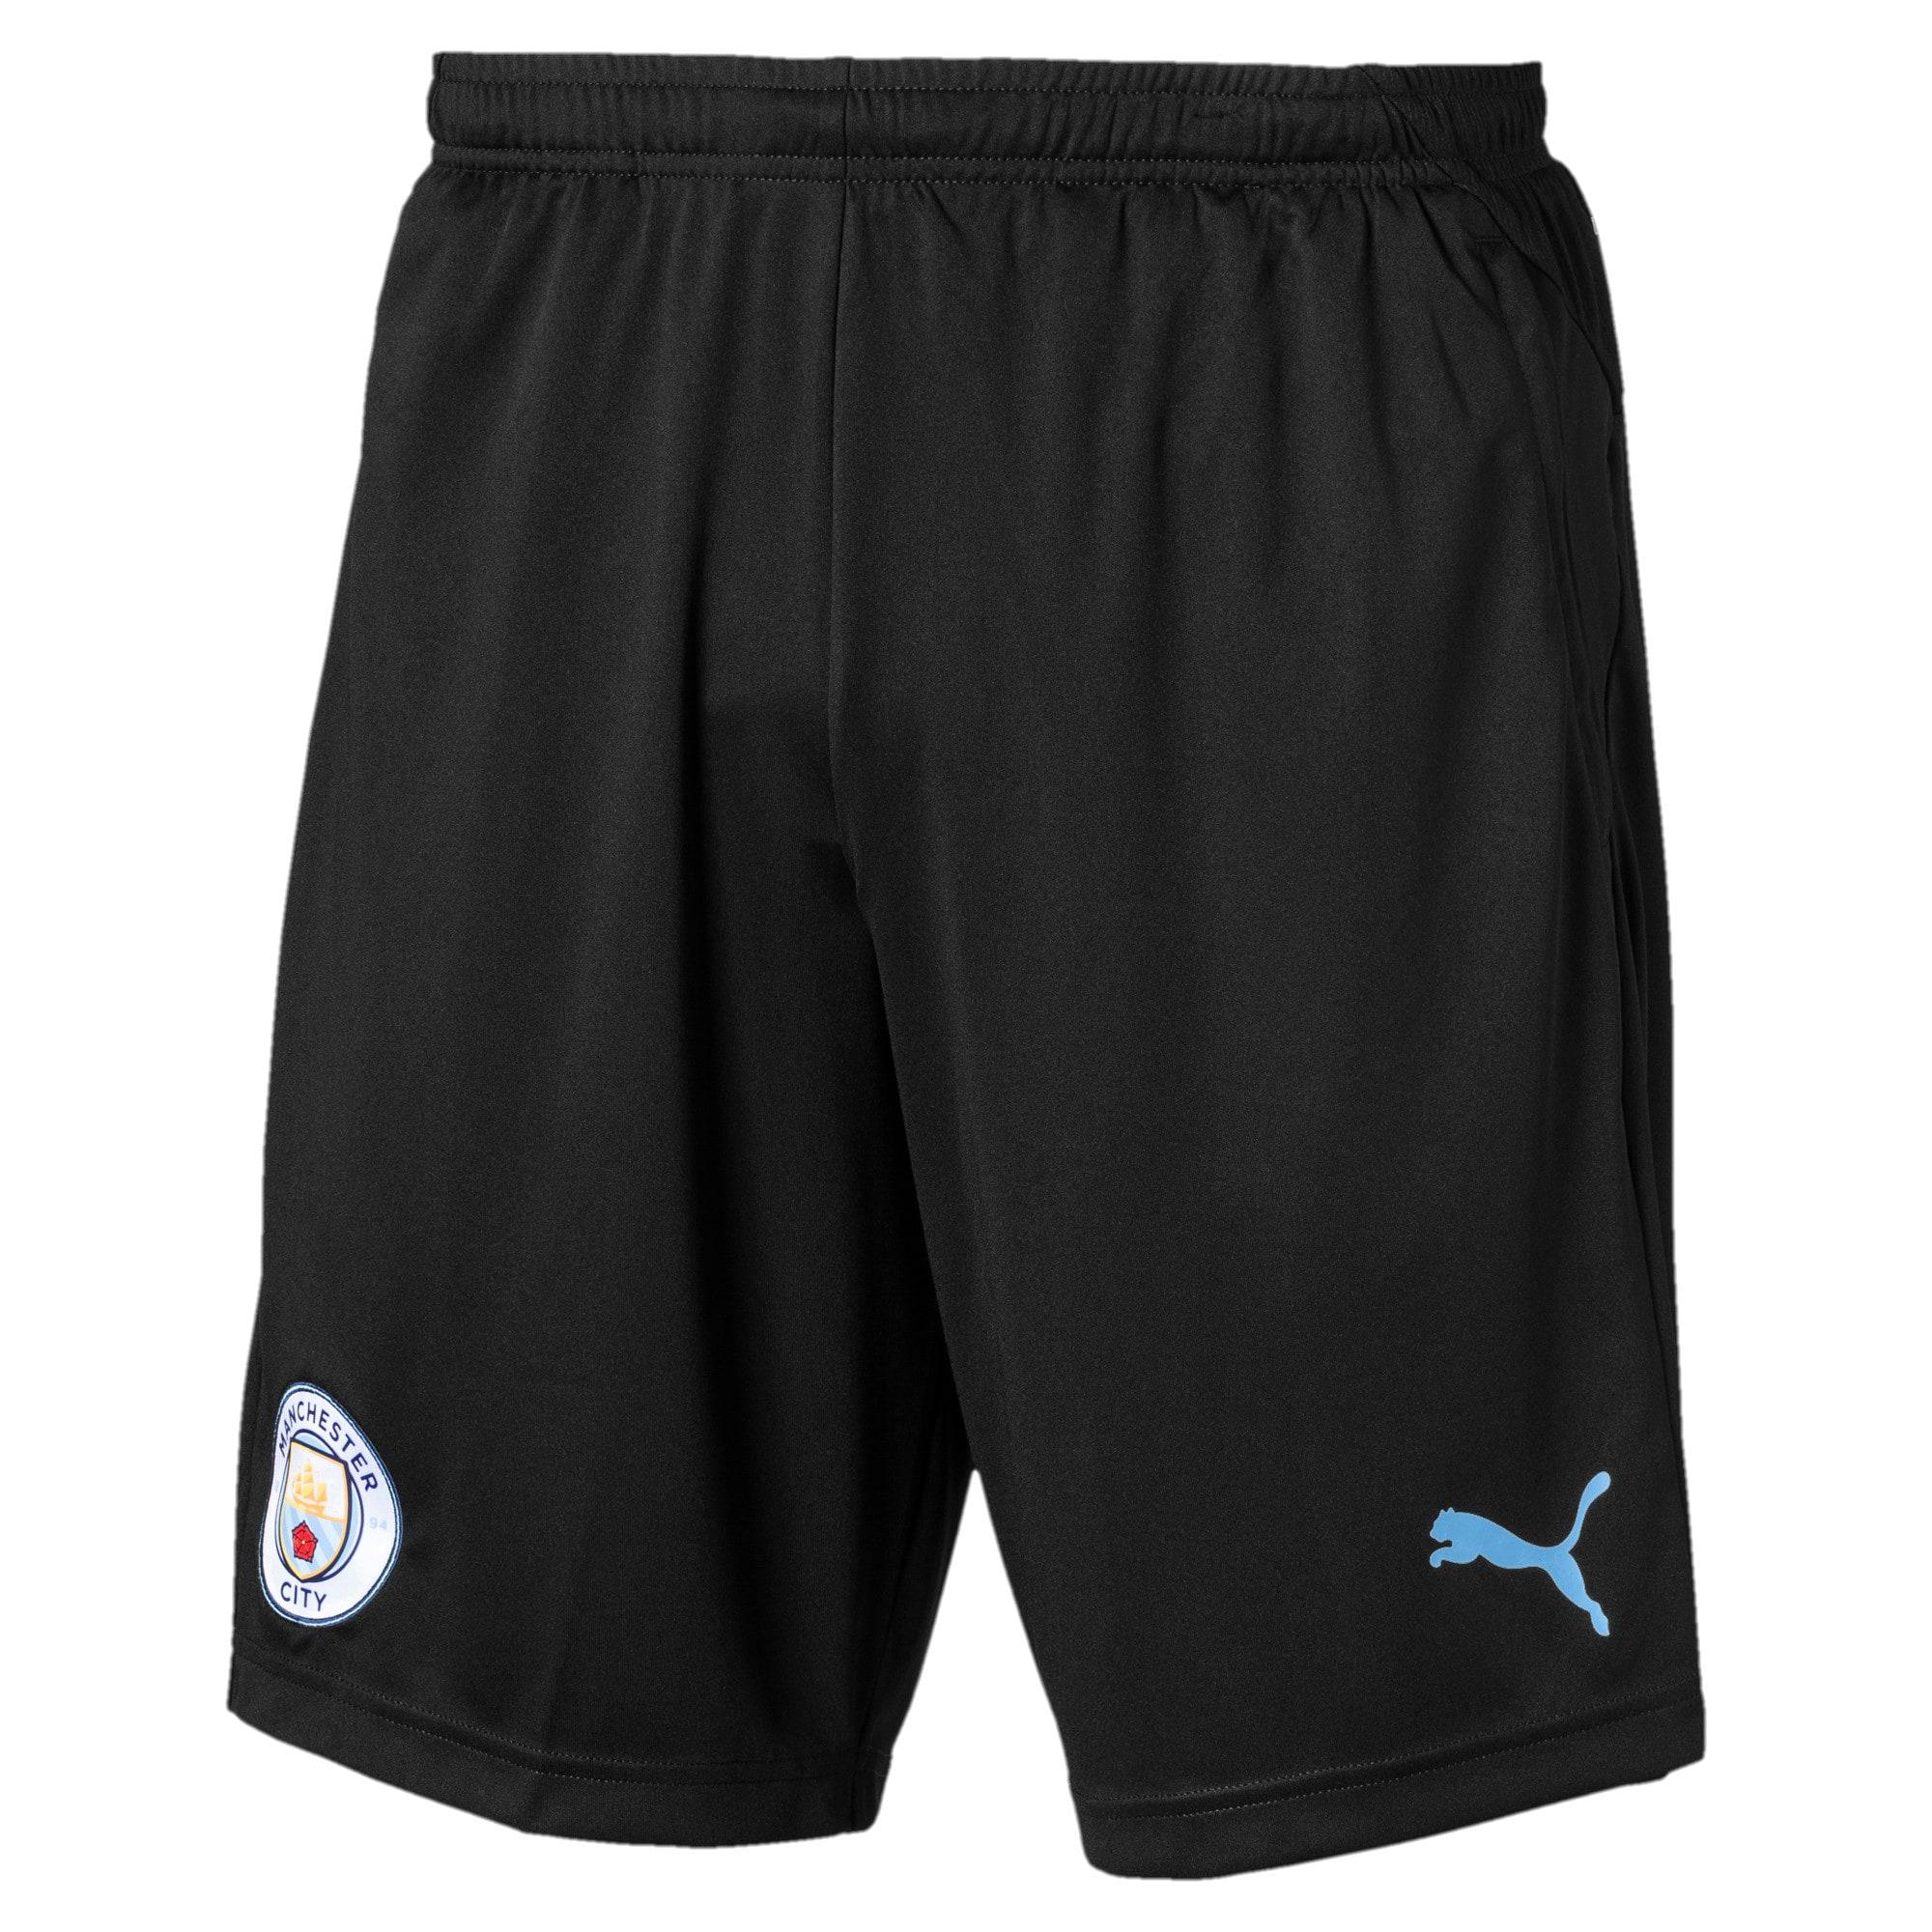 Miniatura 1 de Shorts de entrenamiento Manchester City FC para hombre, Puma Black-Team Light Blue, mediano